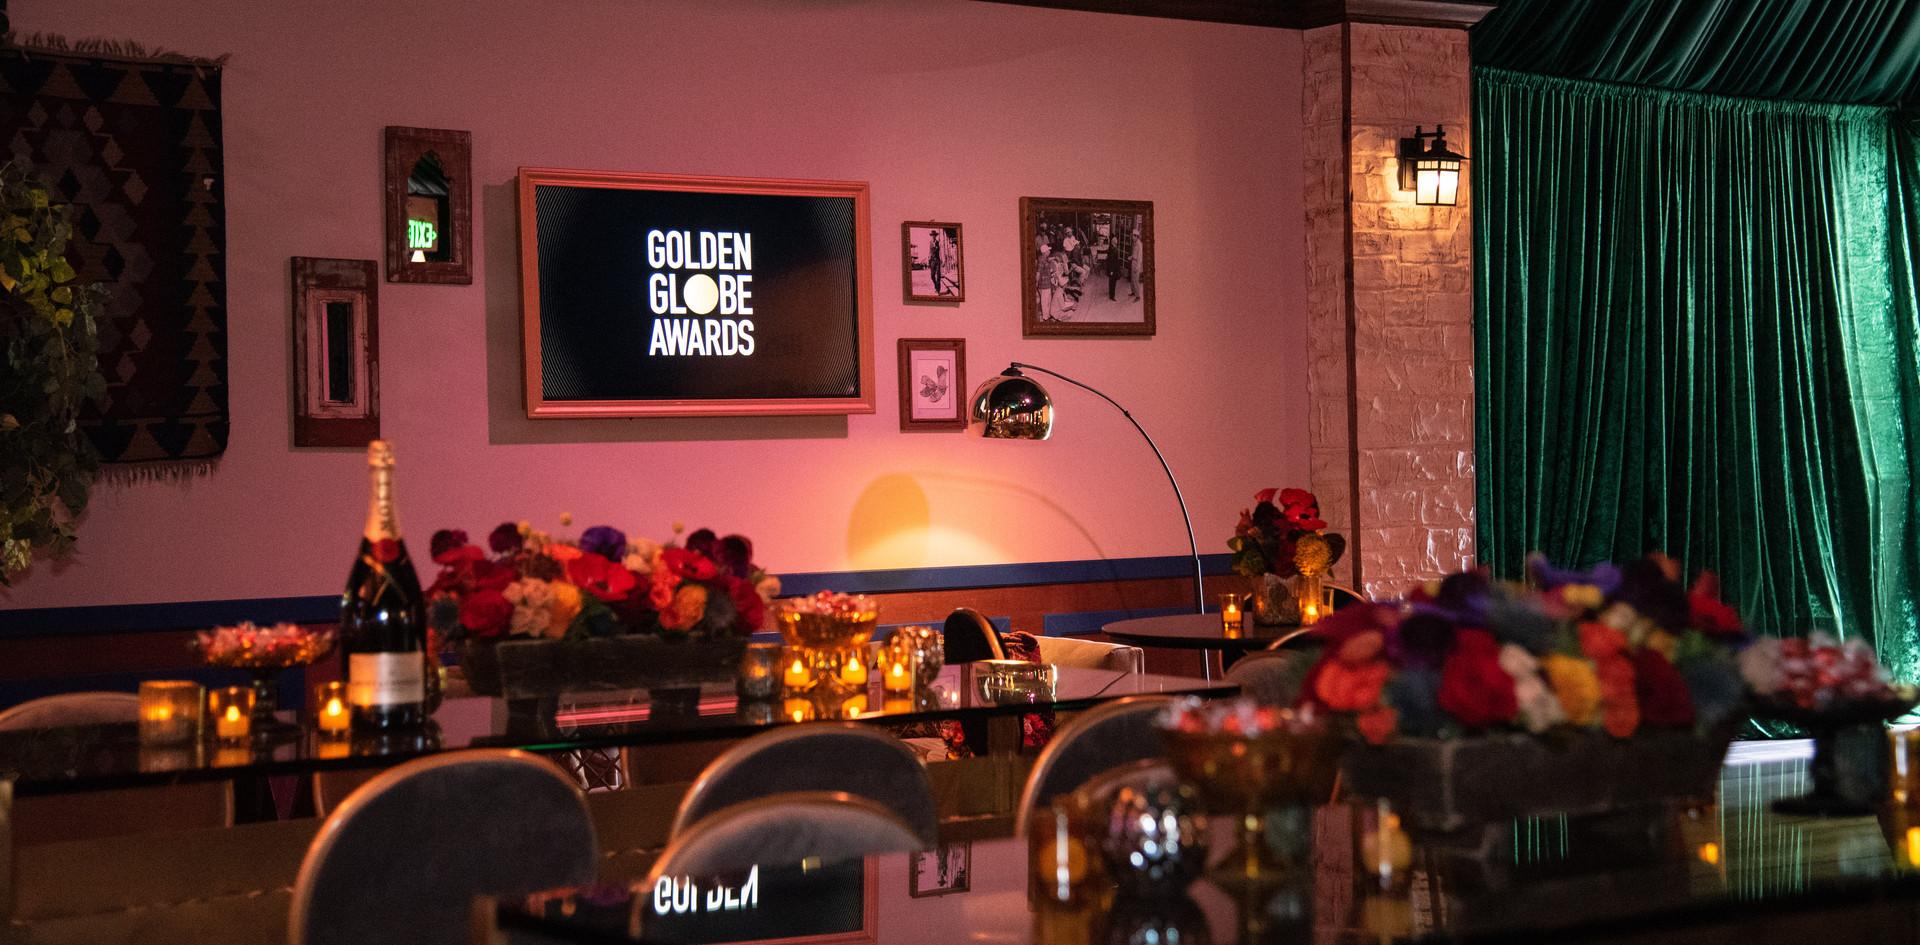 Pormenor da Sala do After Party Media (Festa depois da Entrega dos Golden Globes) do 77th Annual Golden Globes Awards no Beverly Hilton em Beverly Hills, CA. Photographer: HFPA Photographer.